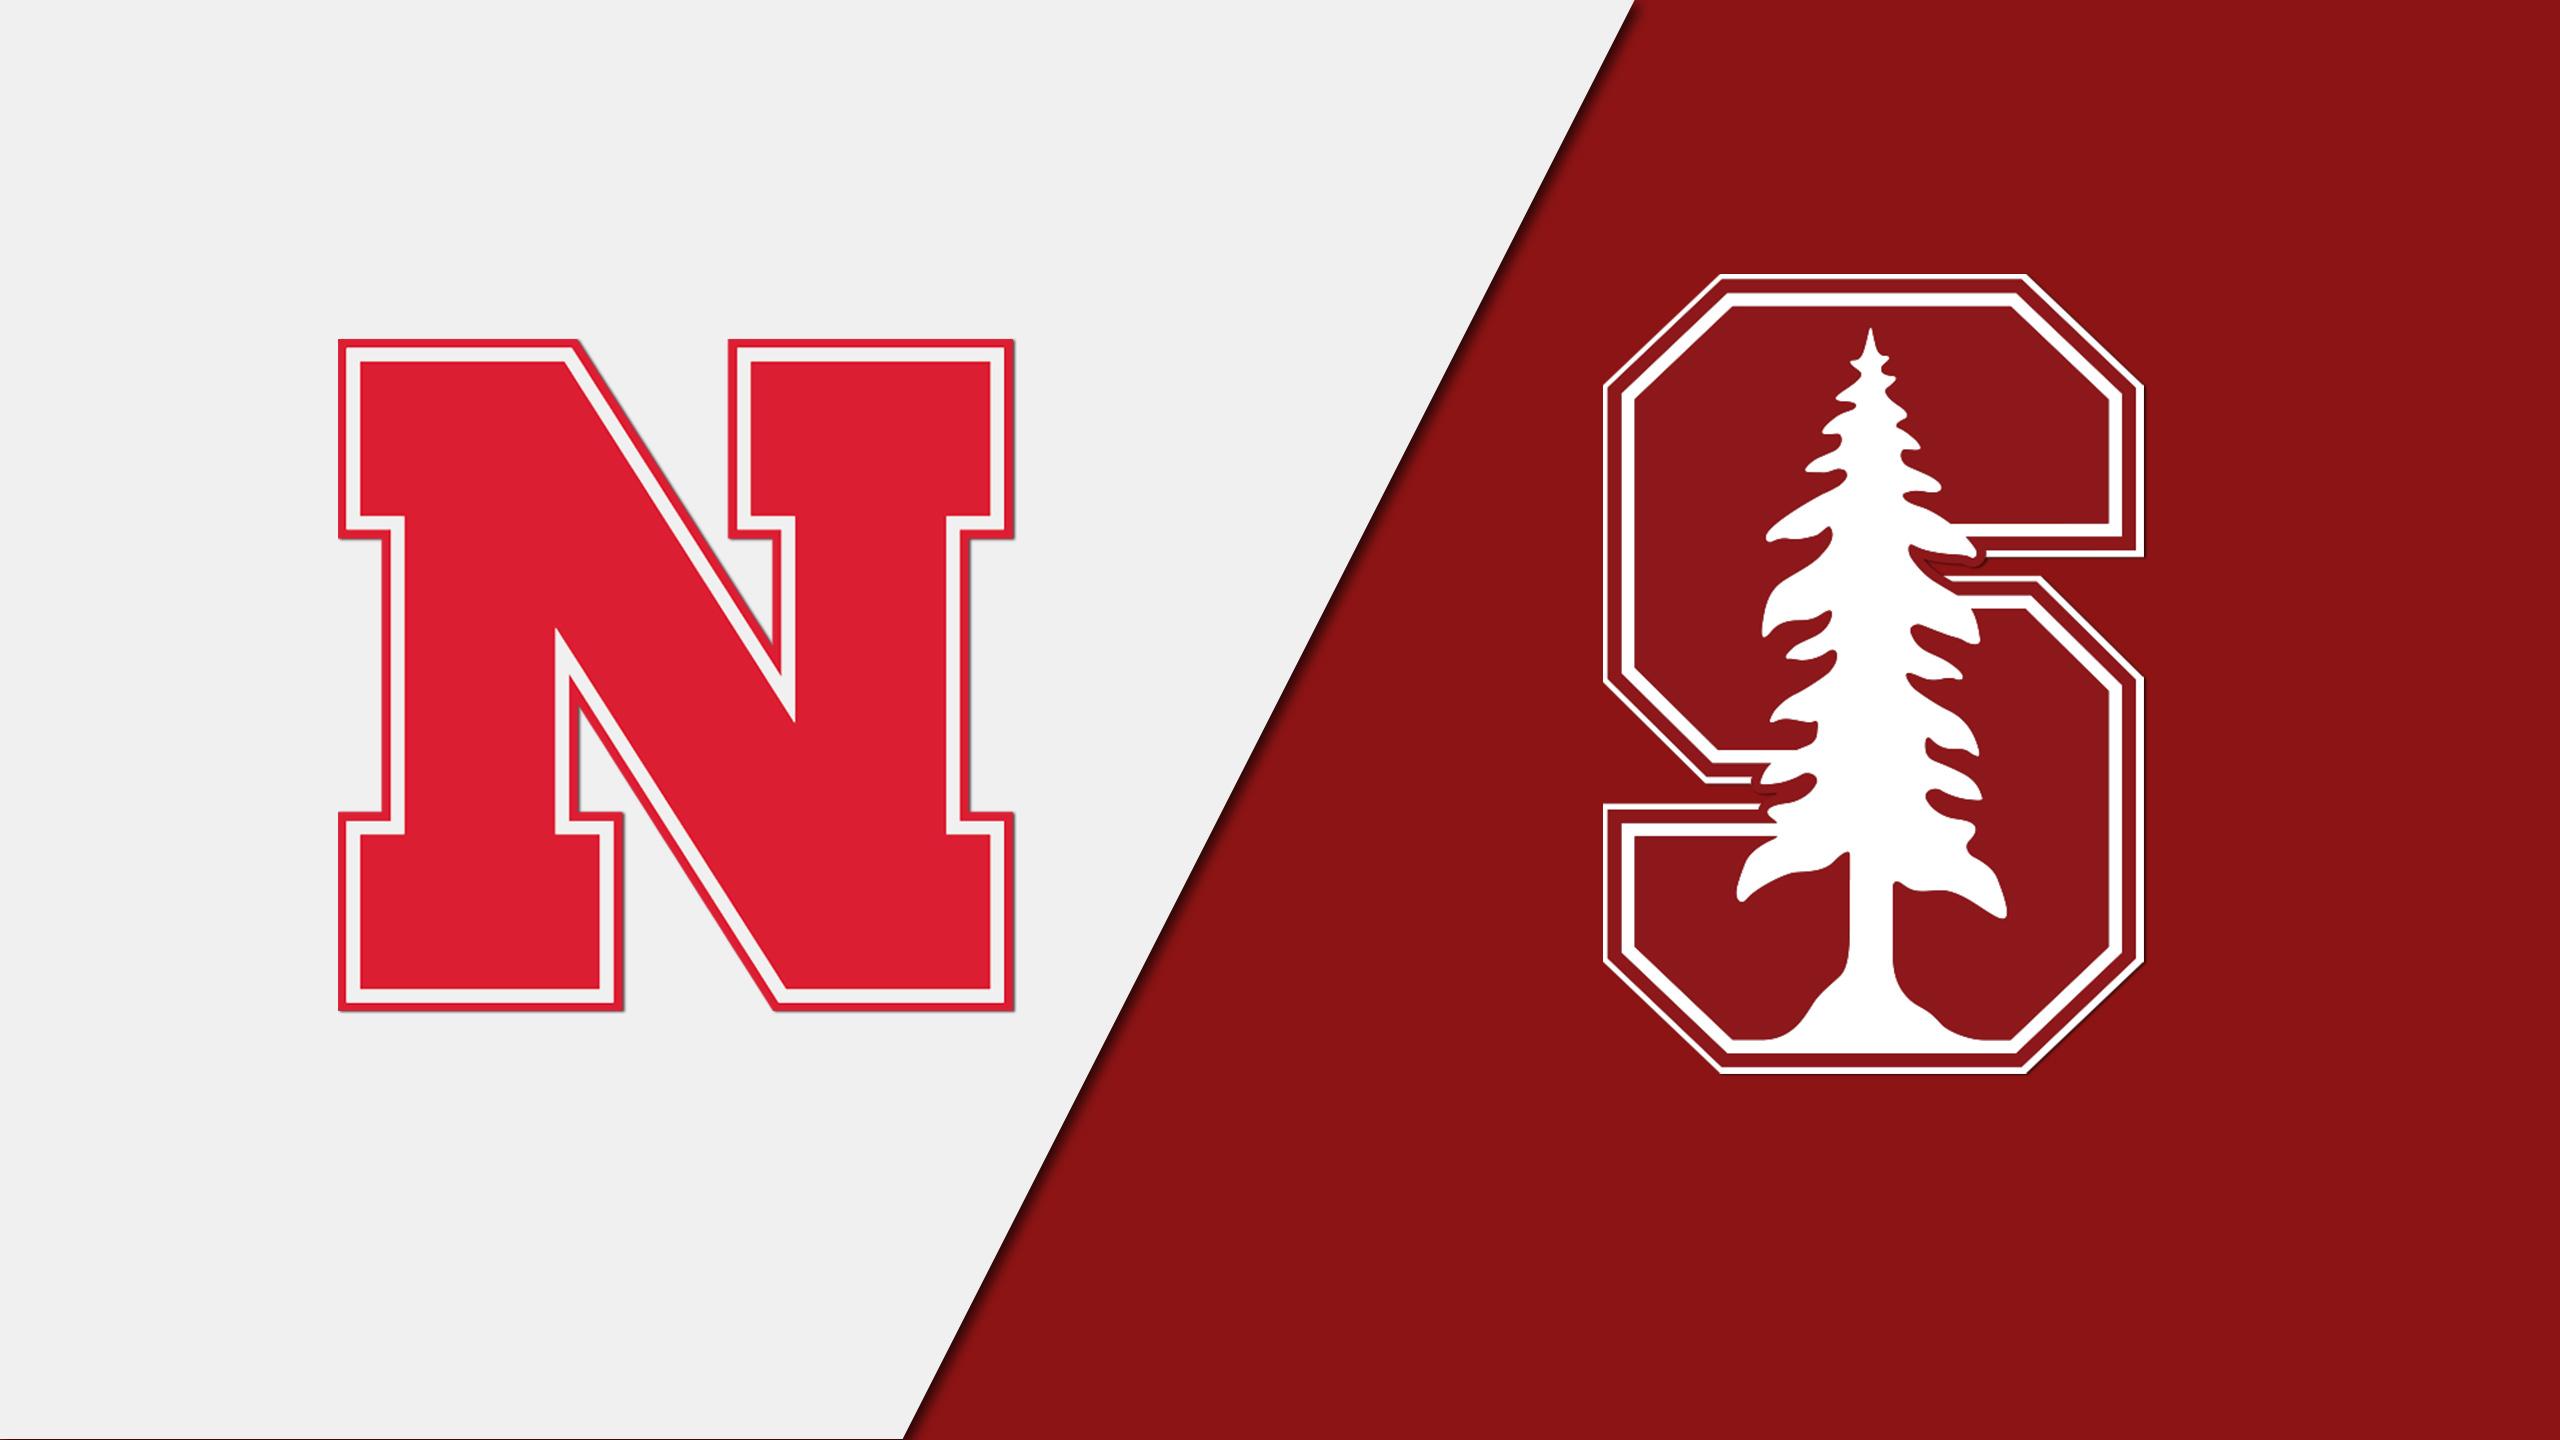 #7 Nebraska vs. #1 Stanford (Championship) (NCAA Division I Women's Volleyball Championship)